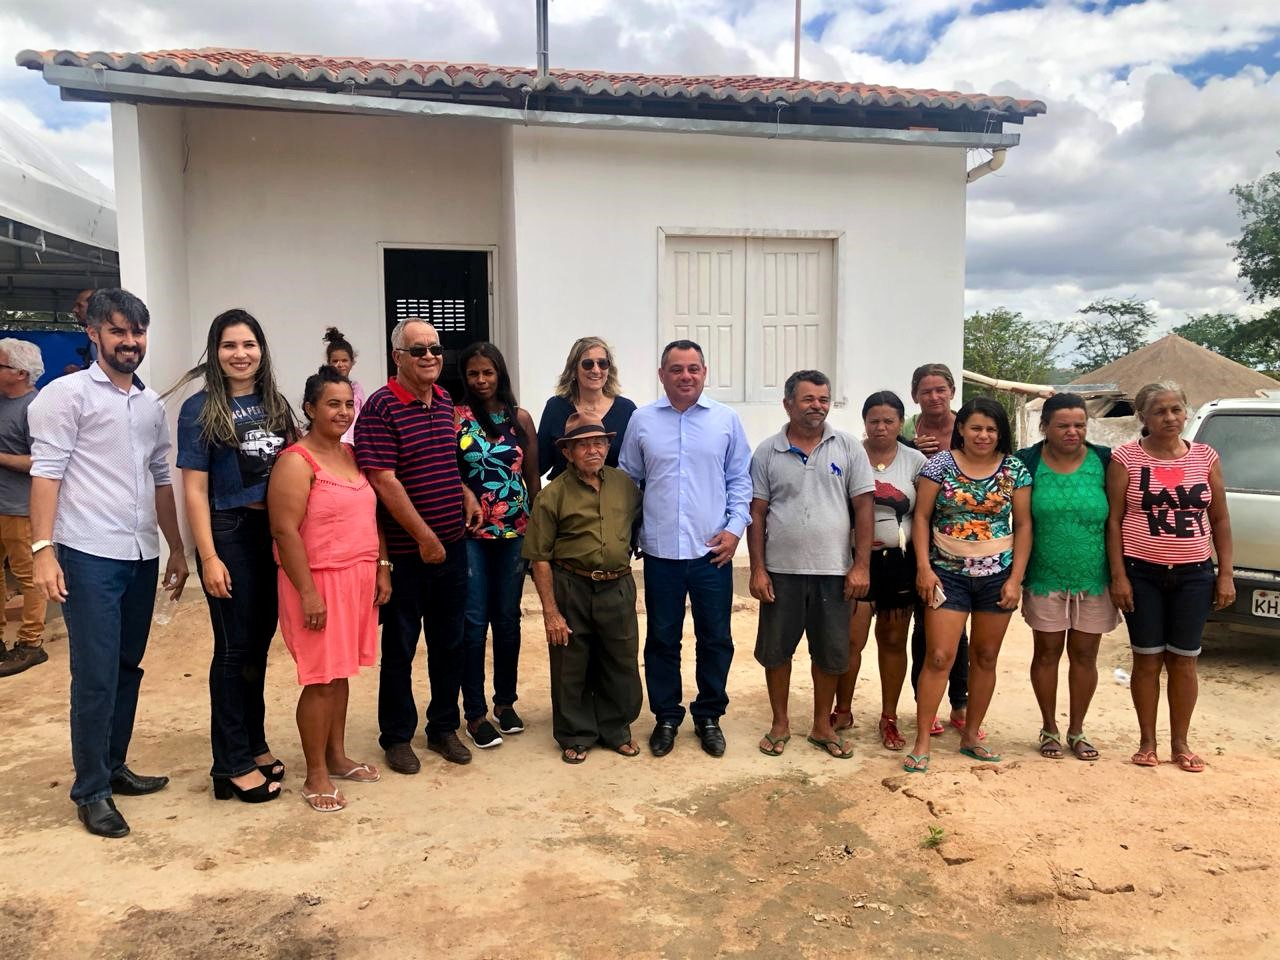 Funasa entrega 10 casas no sertão sergipano